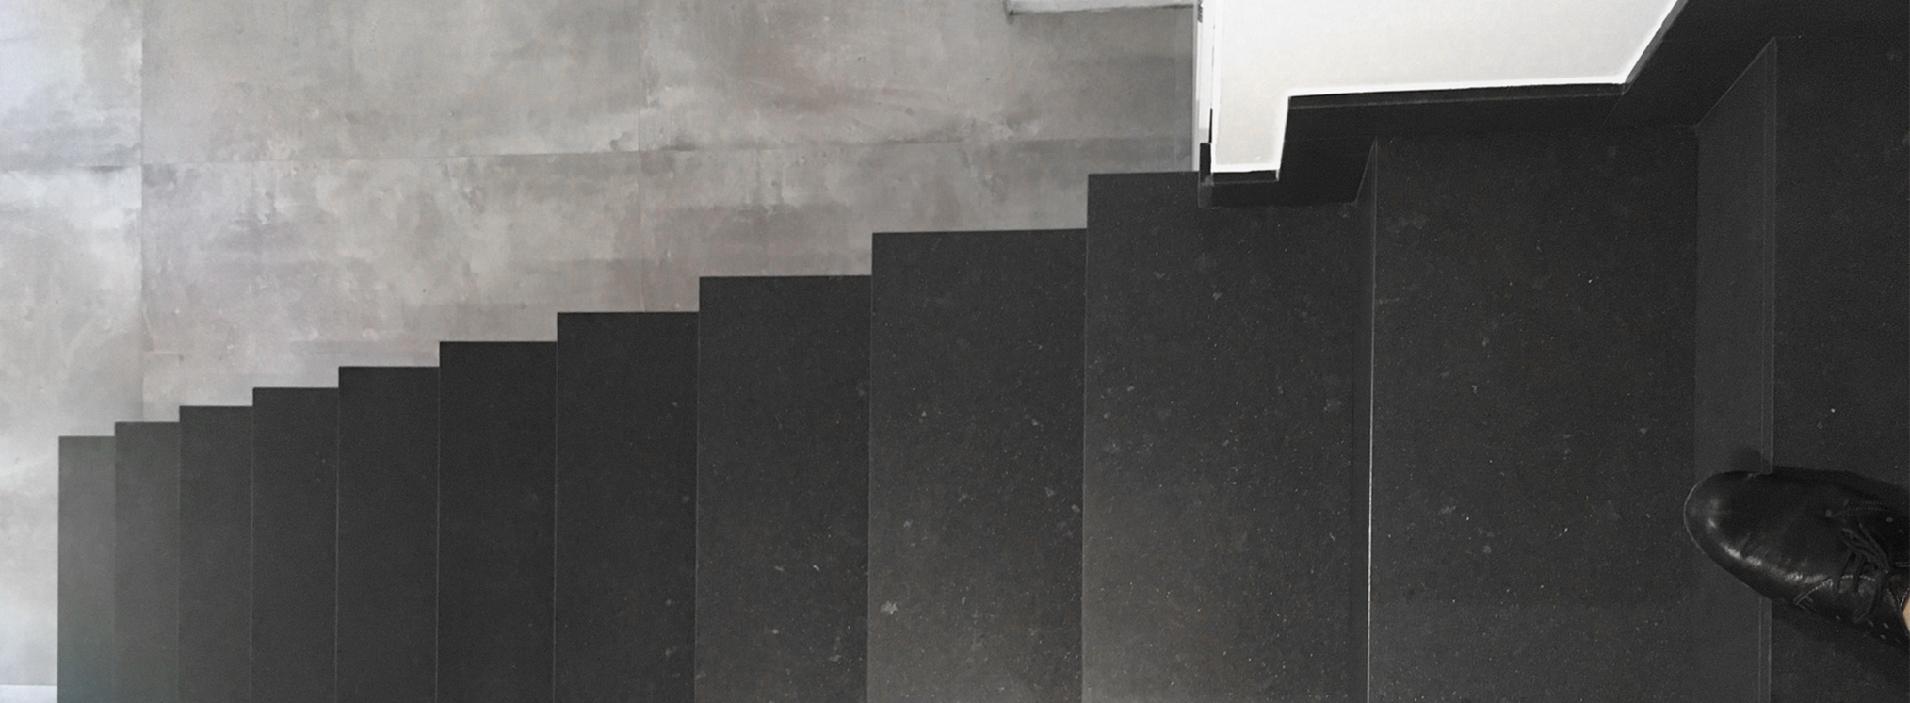 Nero assoluto granit in Schwarz - Platten und Block verfügbar ...